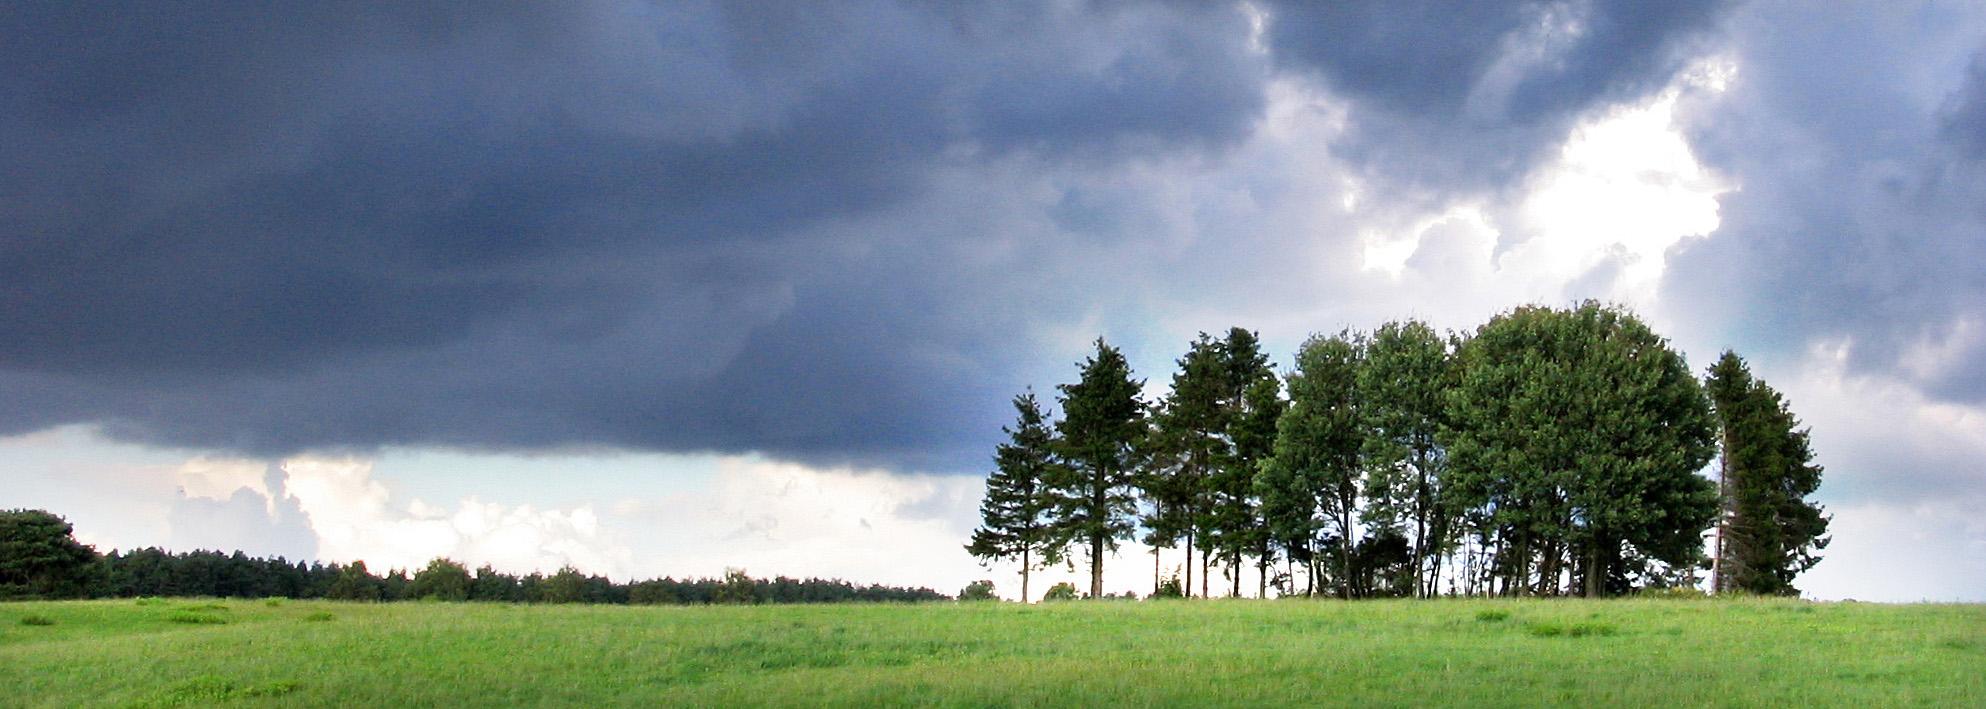 Dunkle Wolken - jetzt Handeln!